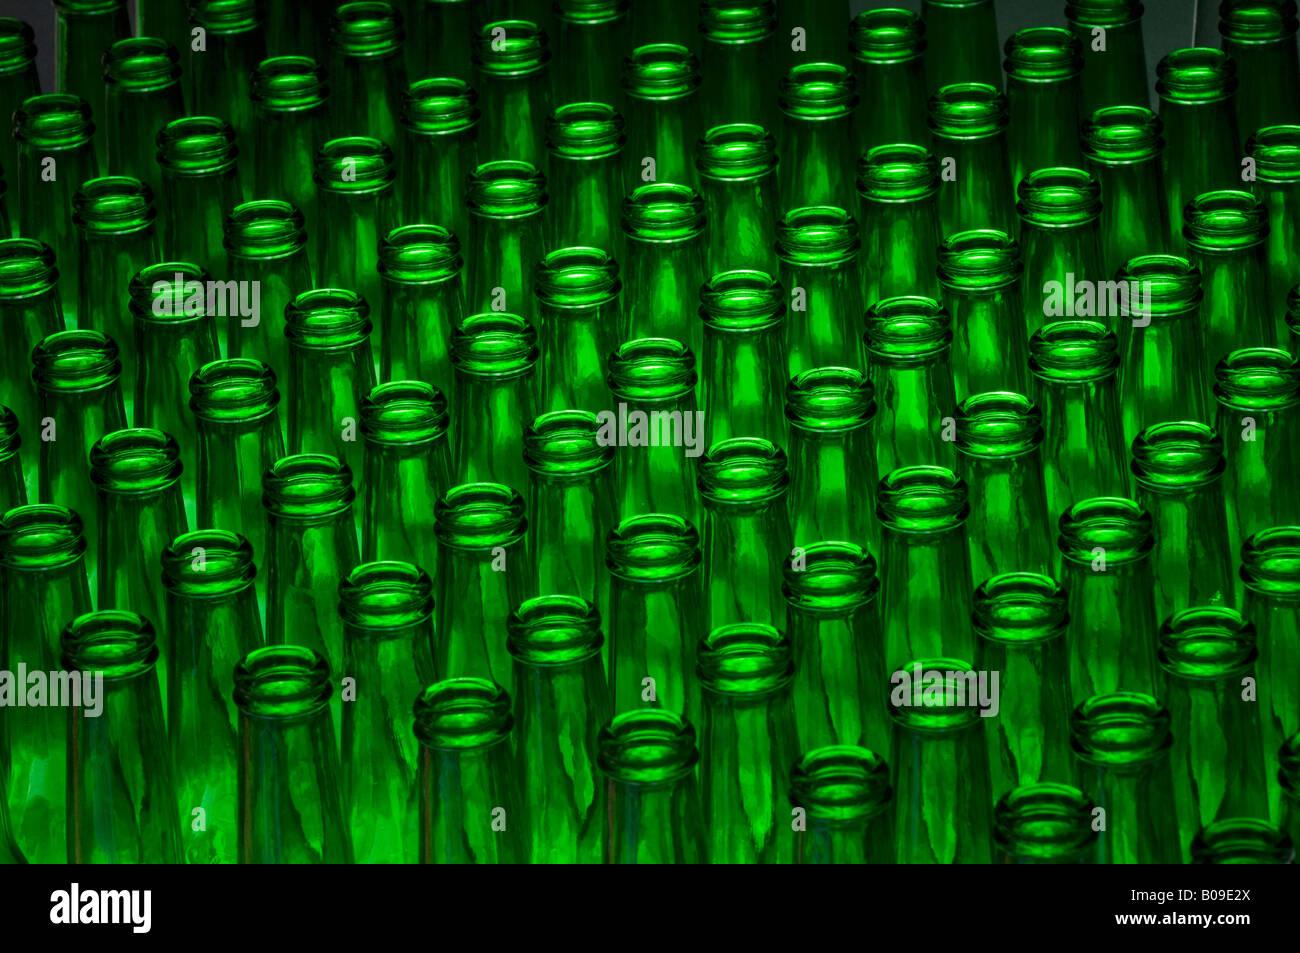 Les bouteilles de bière verte vide prêt à être rempli avec de la bière ou recyclés Photo Stock